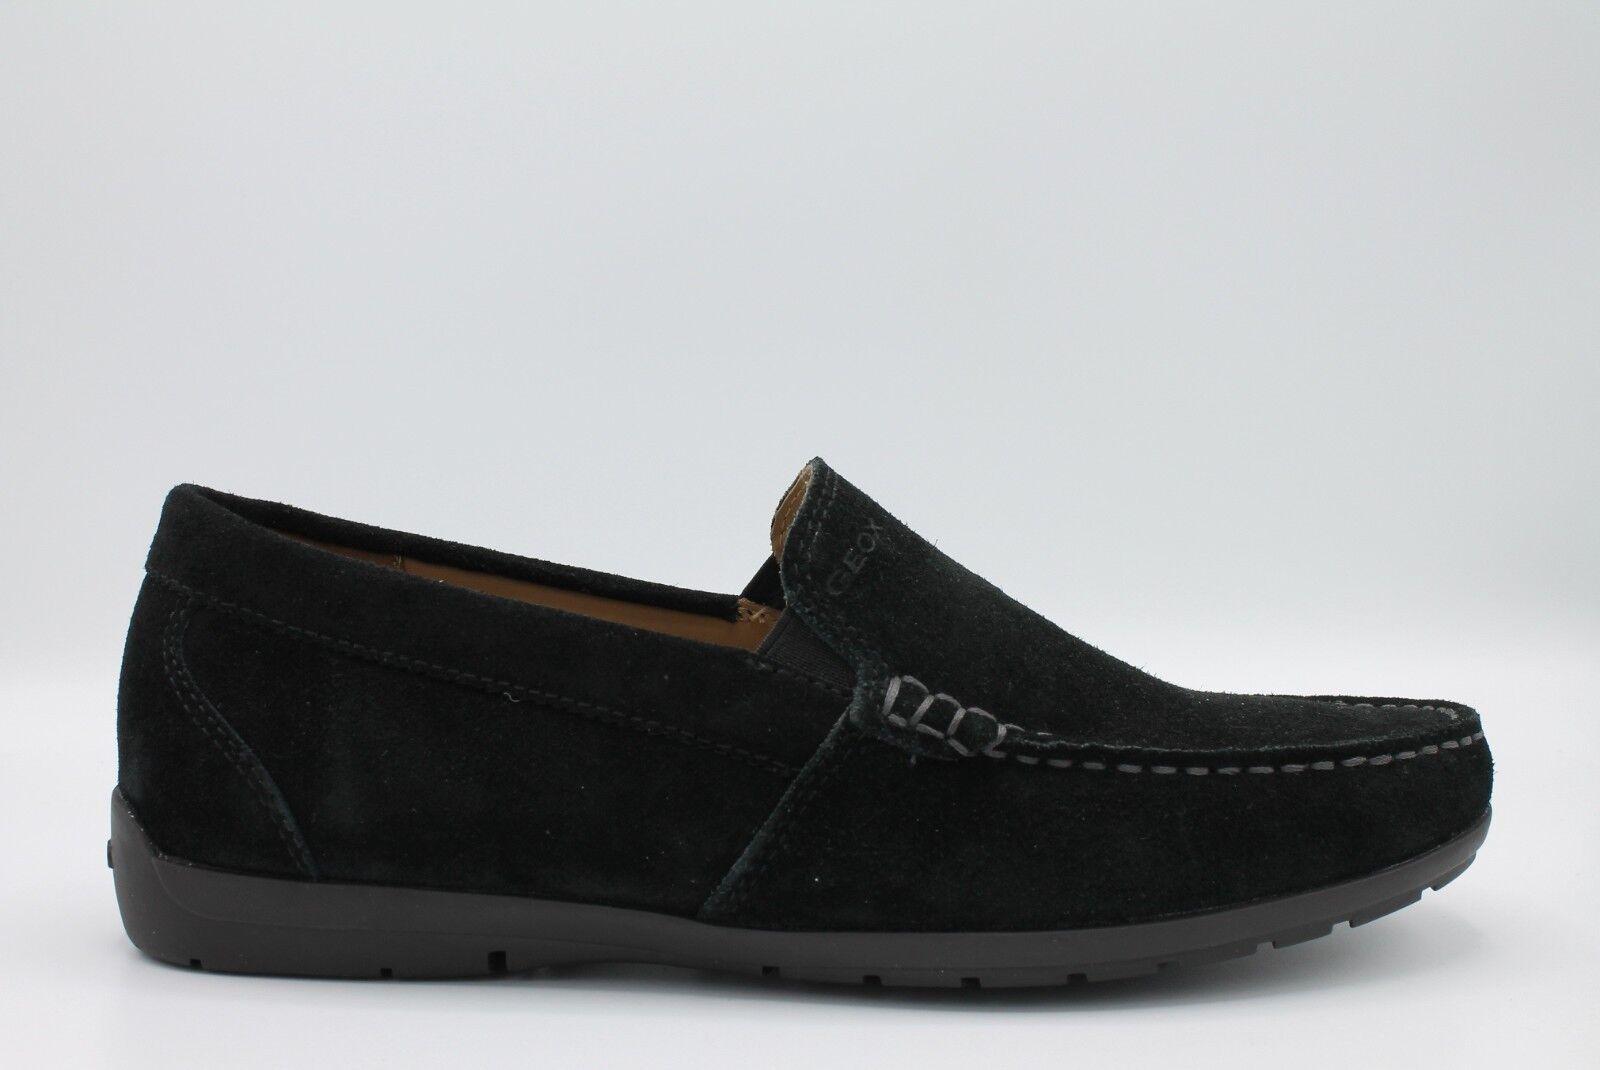 Geox mocassini Simon U34R1C scarpe uomo mocassini Geox in morbido camoscio nero suola in gomma 713449